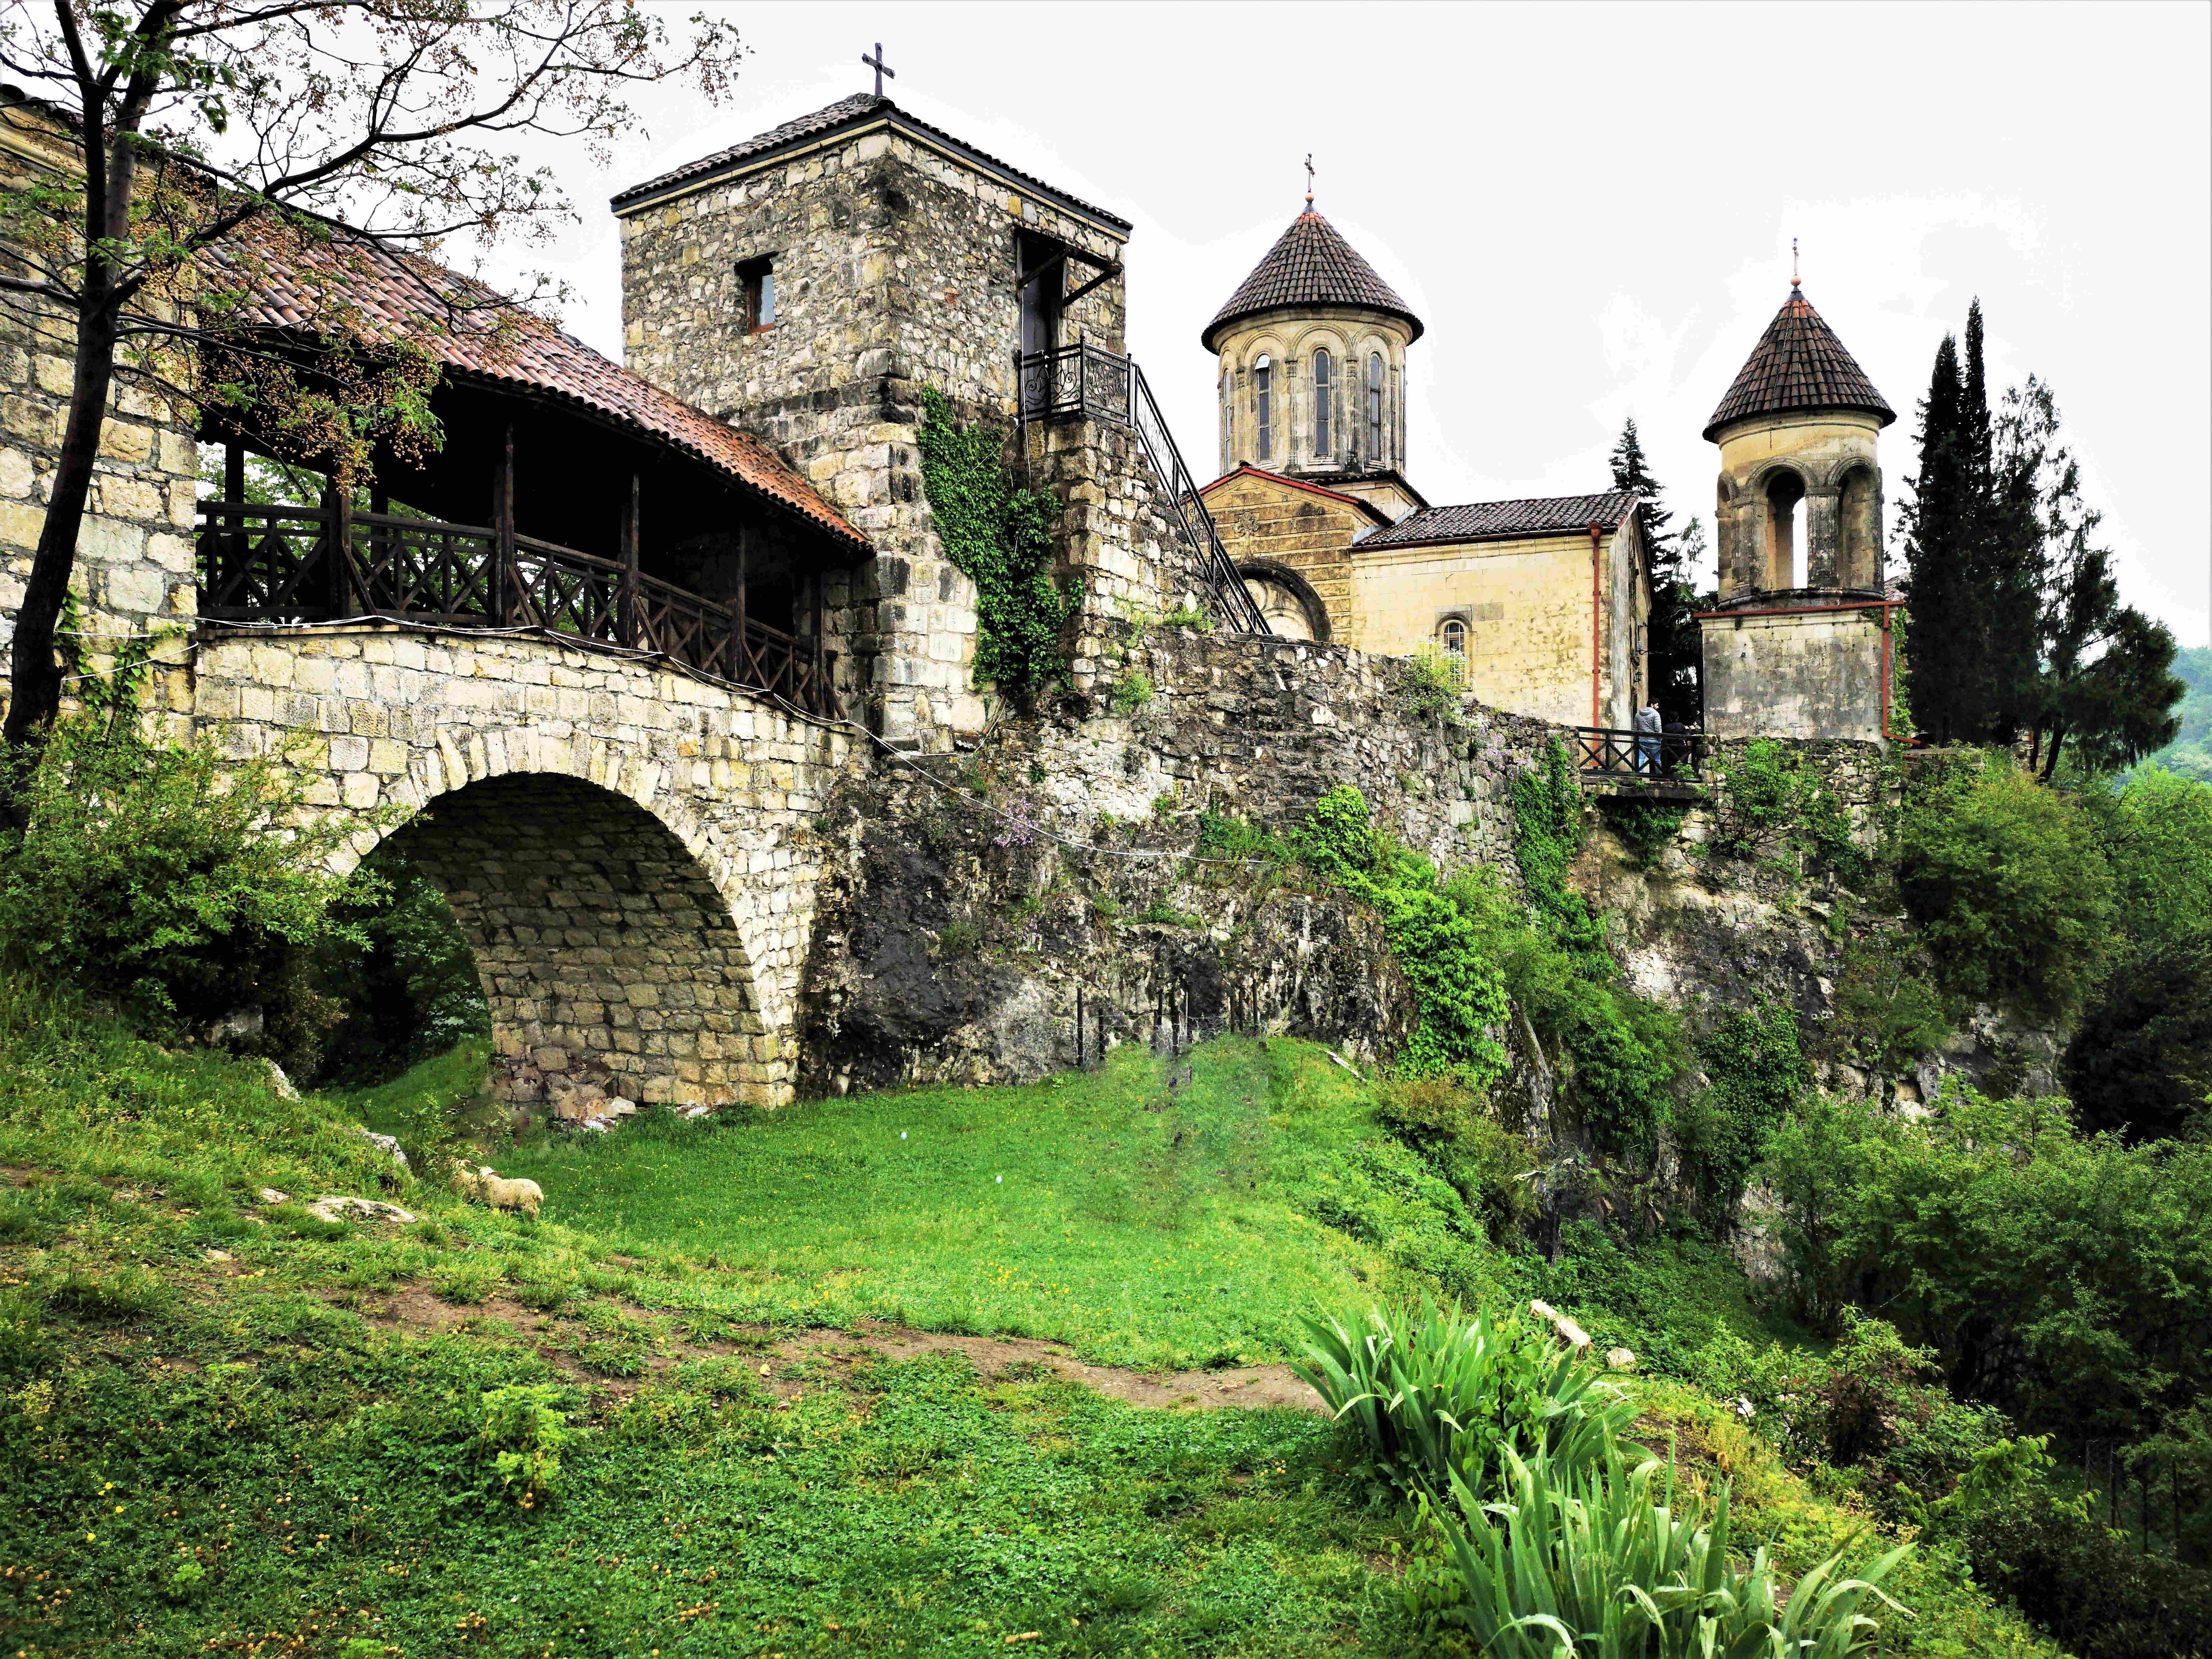 Монастырь Моцамета на краю ущелья вблизи Кутаиси